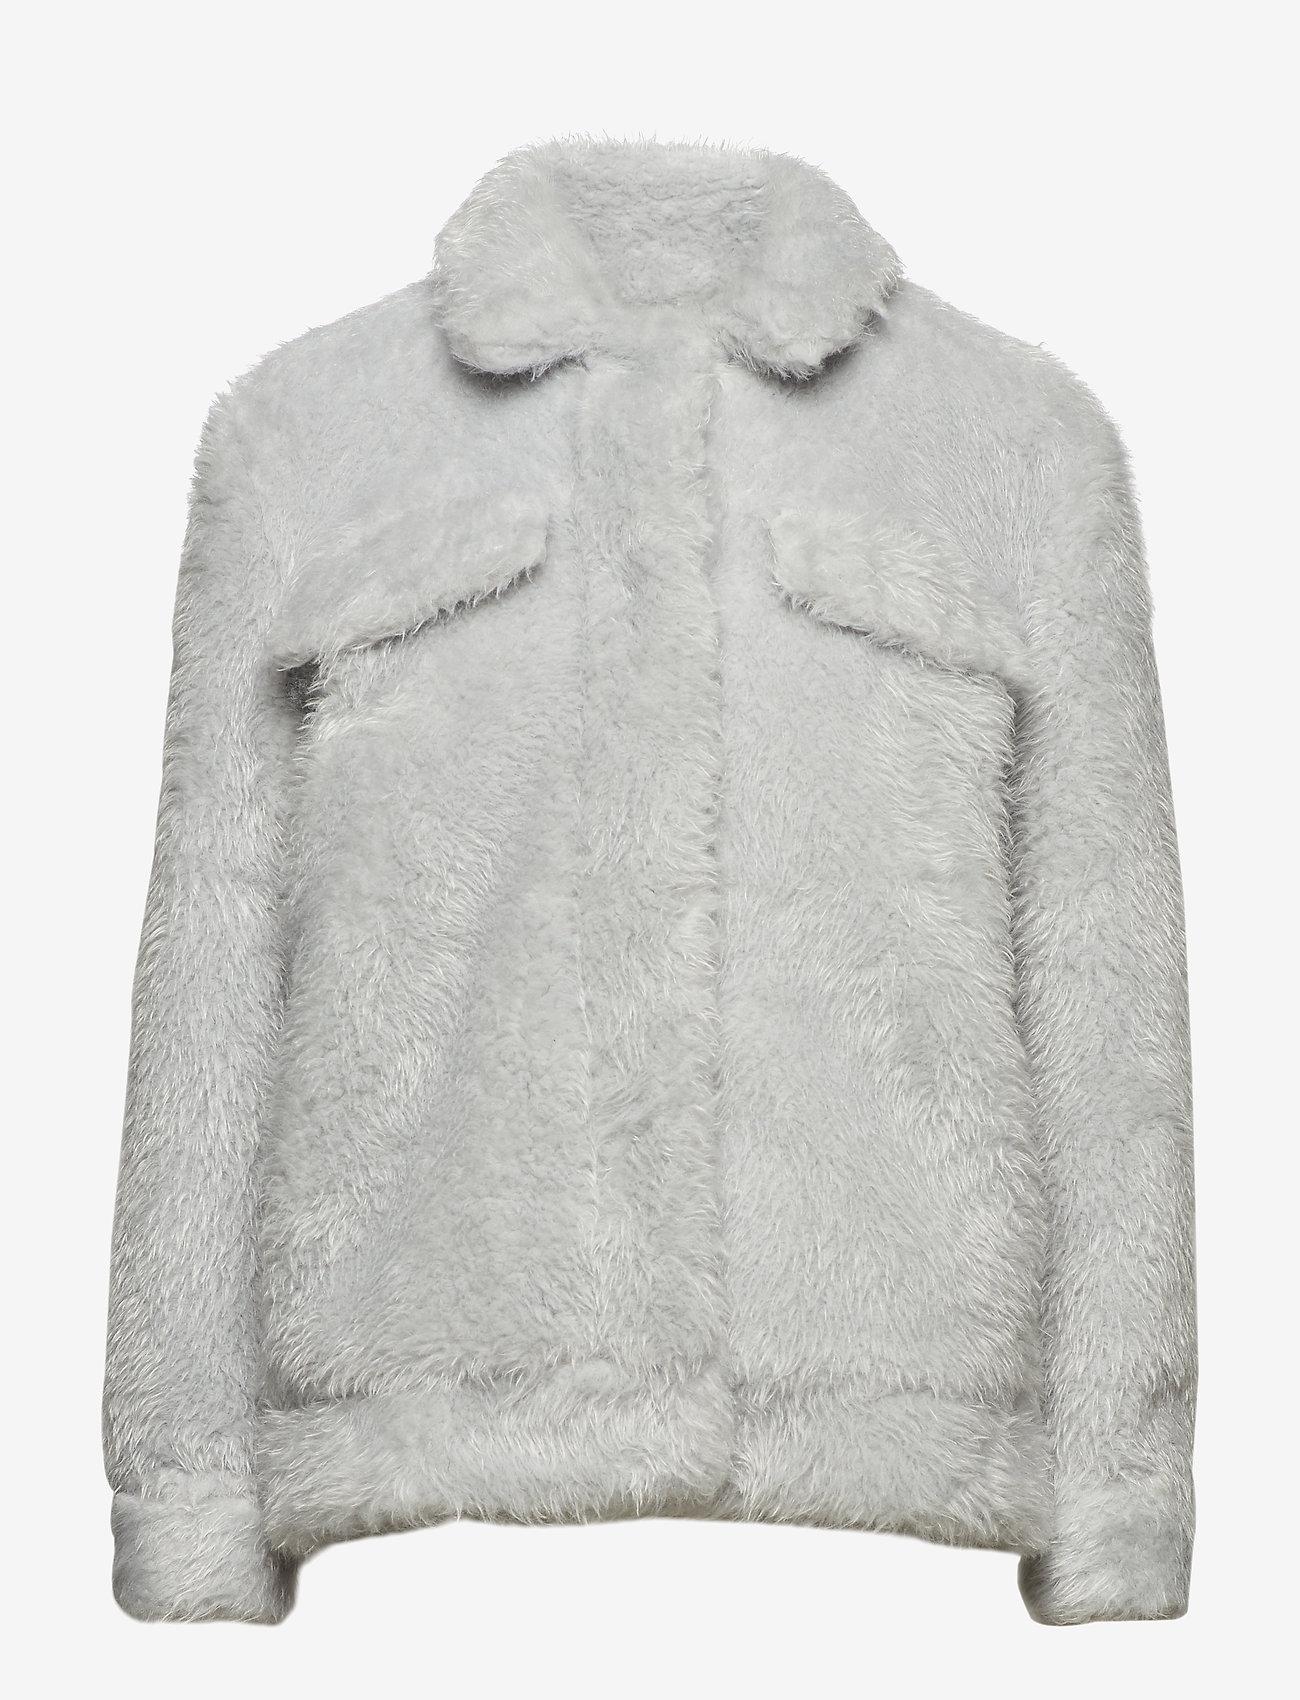 Colbie Jacket 10430 (Belgian Block) - Samsøe Samsøe 6ZPlPU